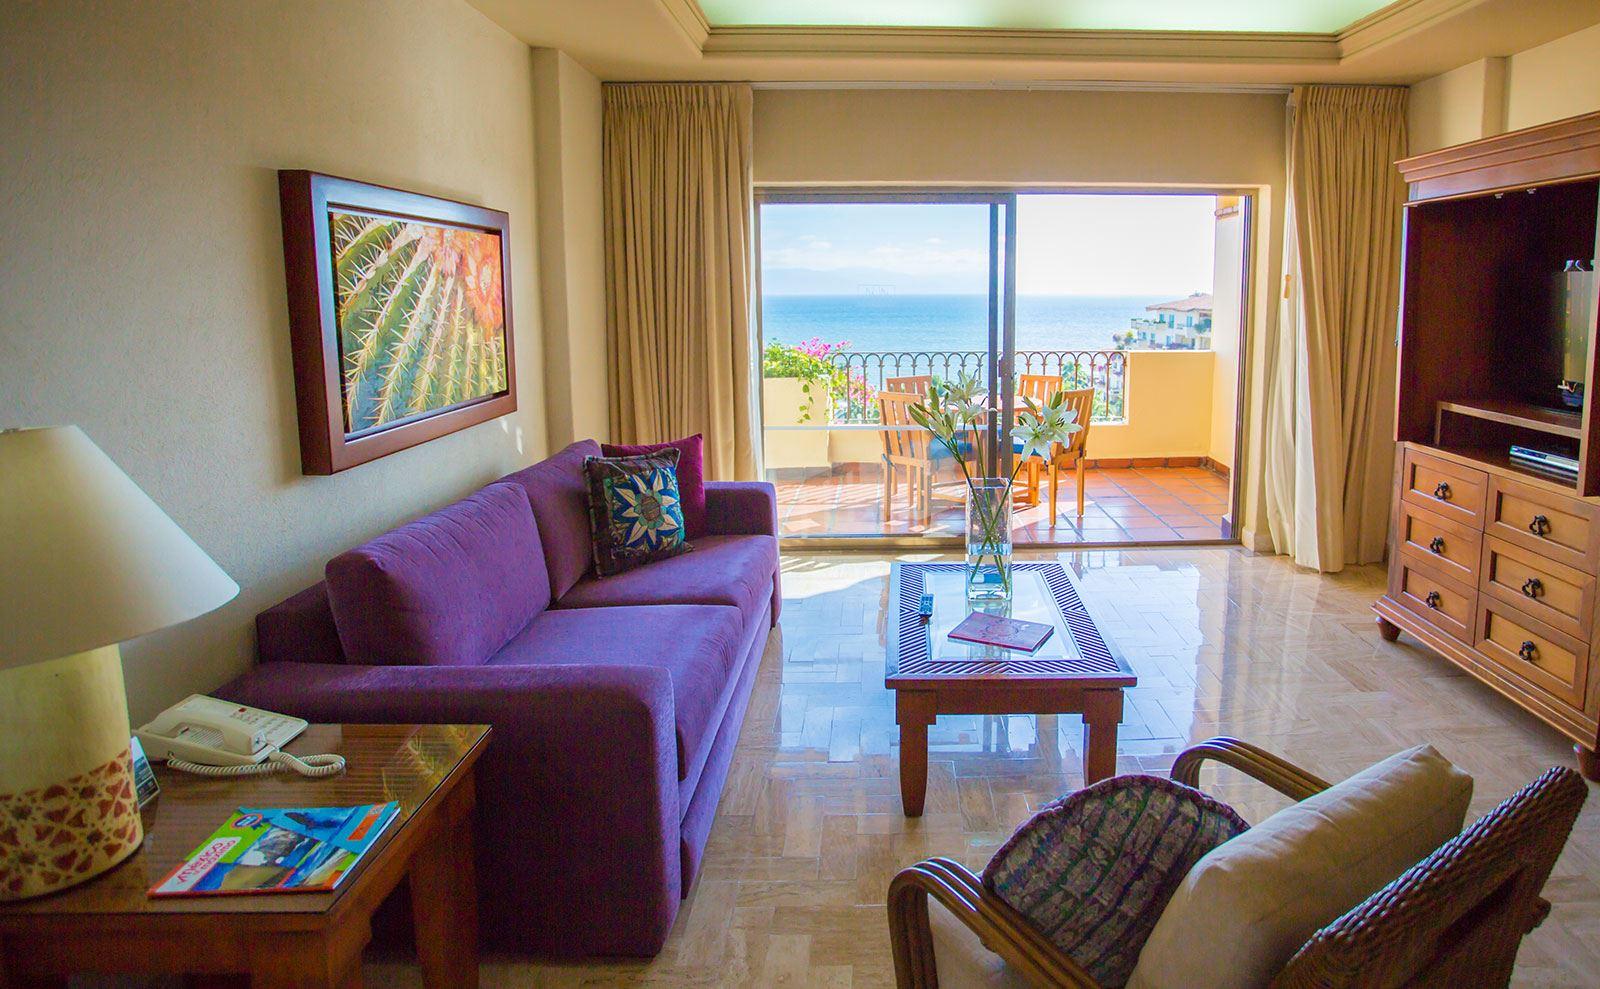 Casa Velas Boutique Hotel image